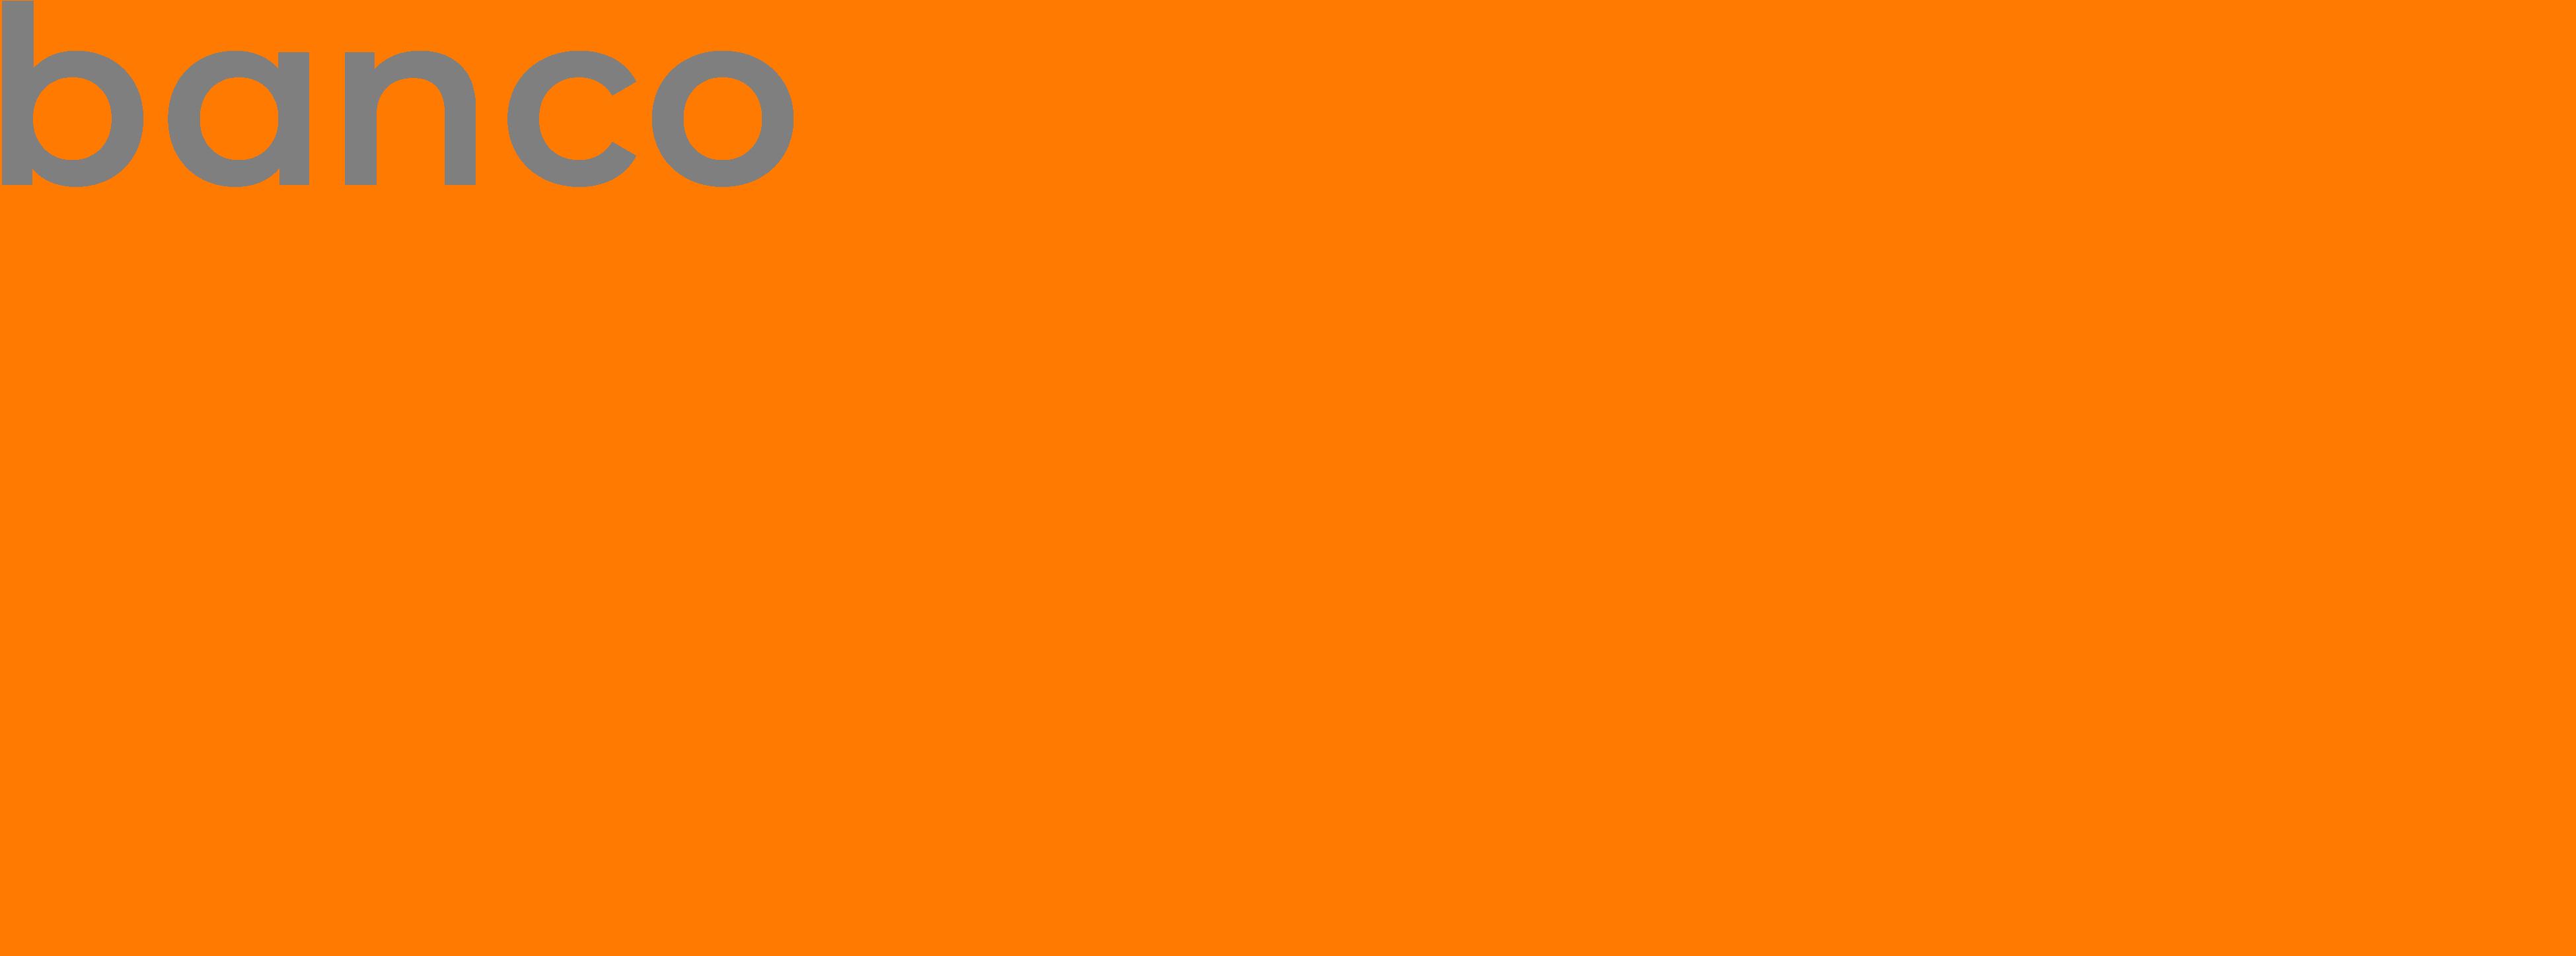 Black Friday Inter: Conheça a Orange Box e o que esperar da nova ação do banco